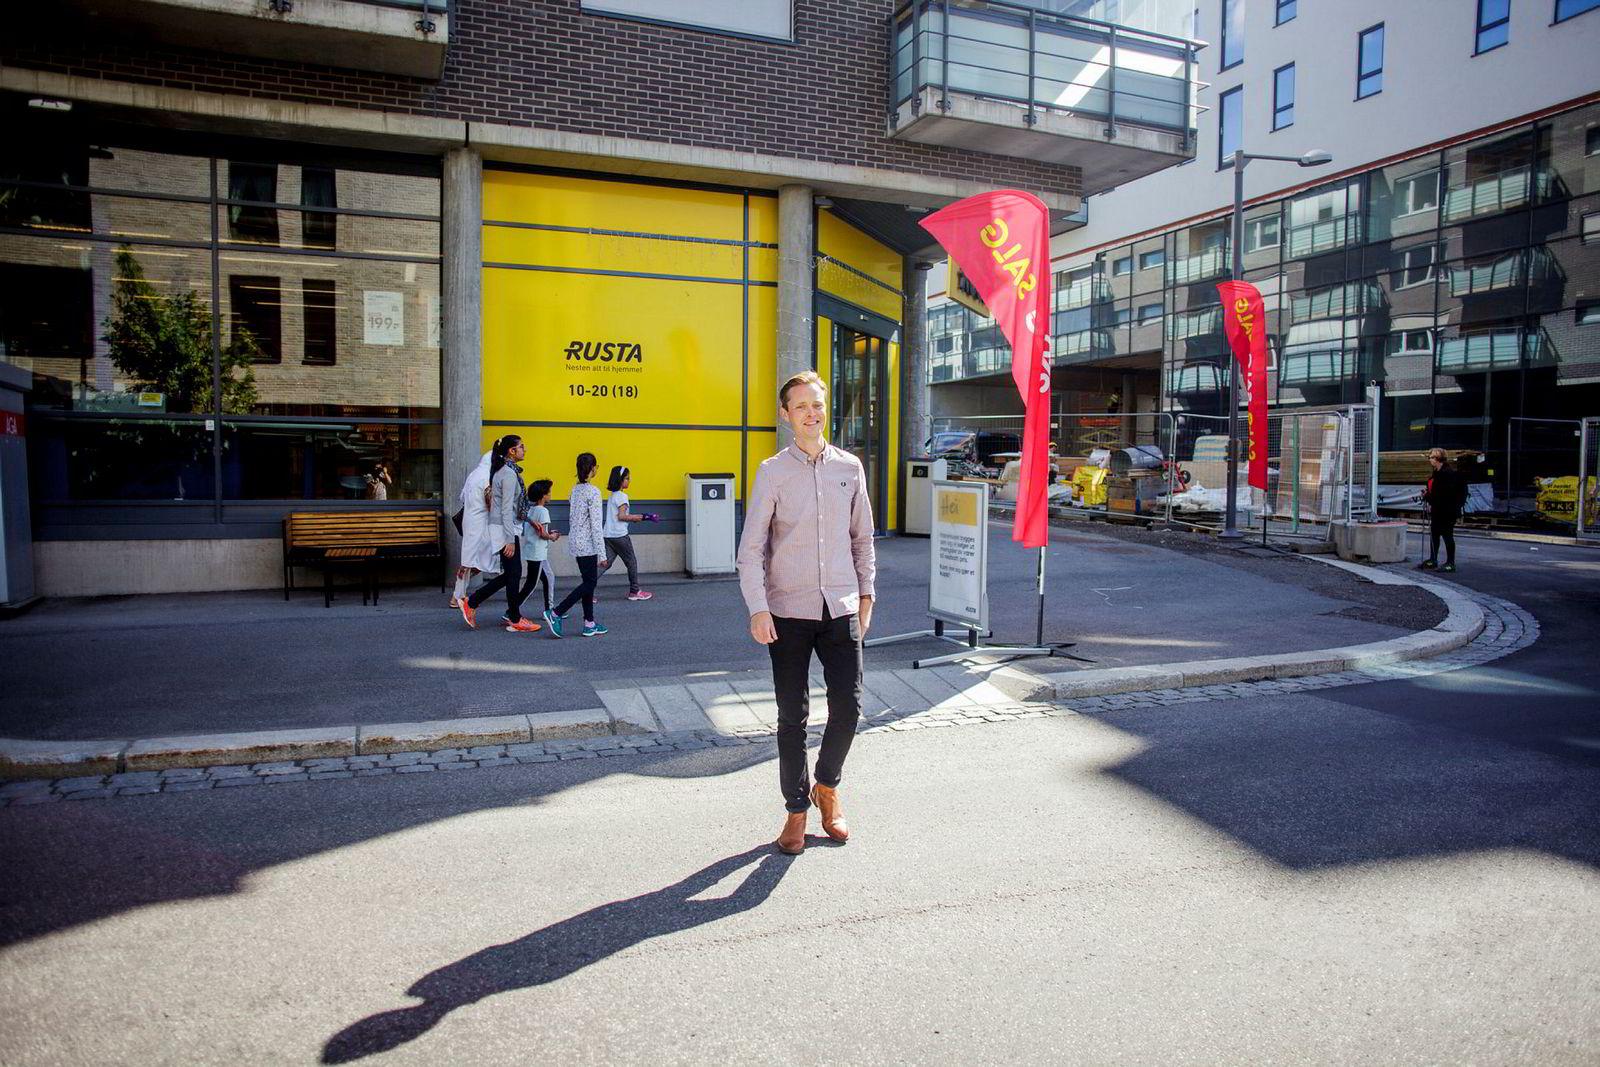 Norgessjef Erlend Kramer er ikke redd for å etablere seg nær konkurrentene. Han ser etter områder med stor handelstrafikk og lokaler som er store nok.